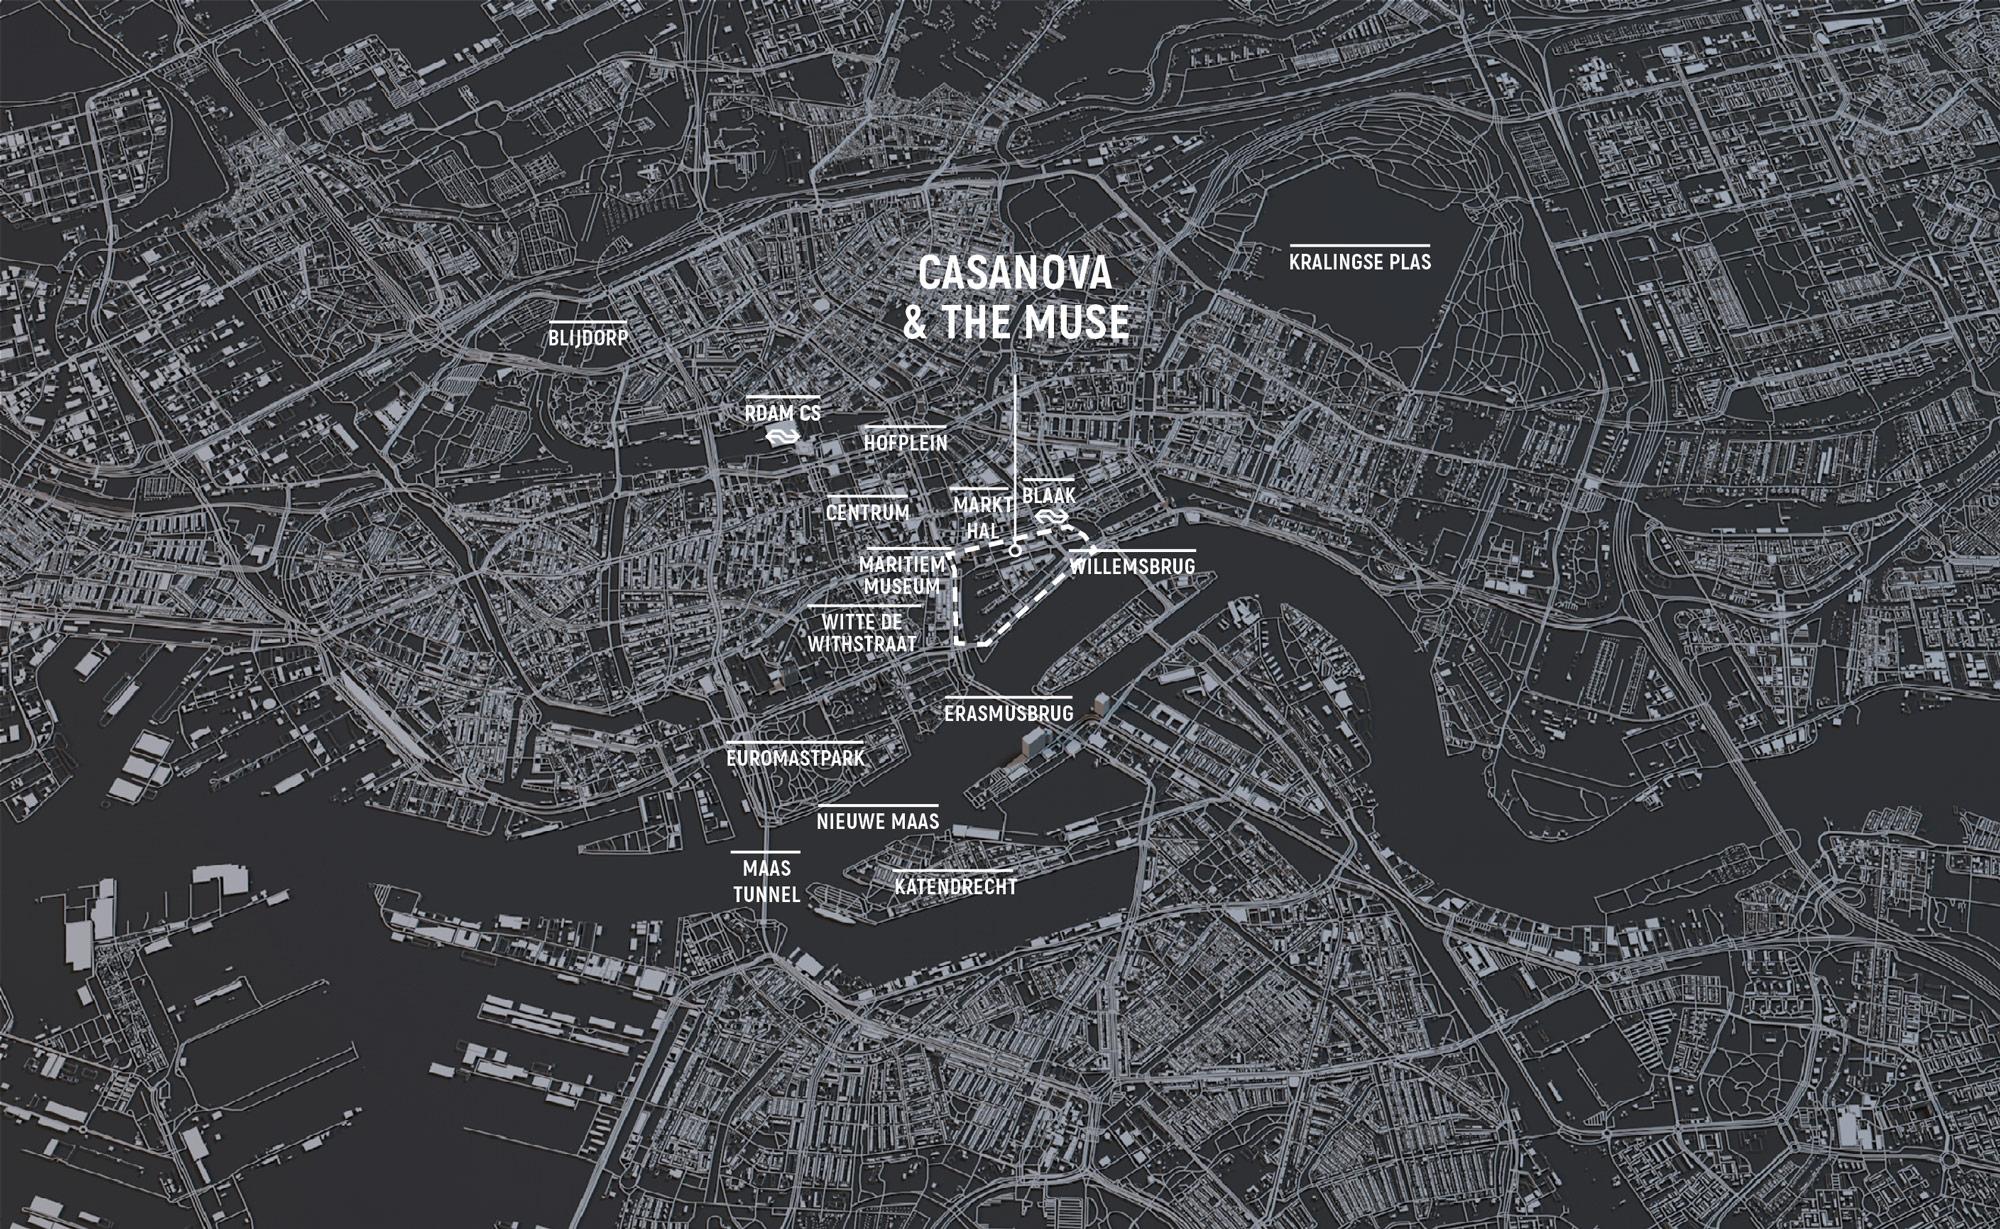 locatiekaart casanova